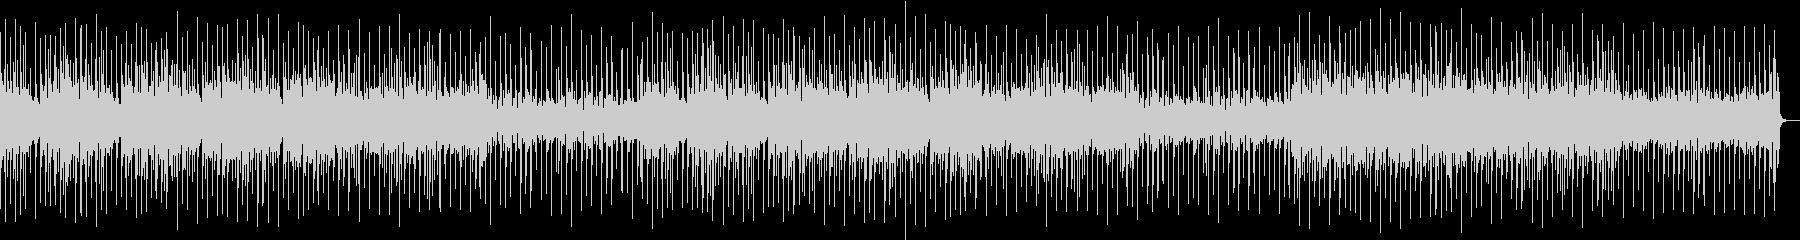 壮大なU2風の曲をウクレレ生演奏での未再生の波形